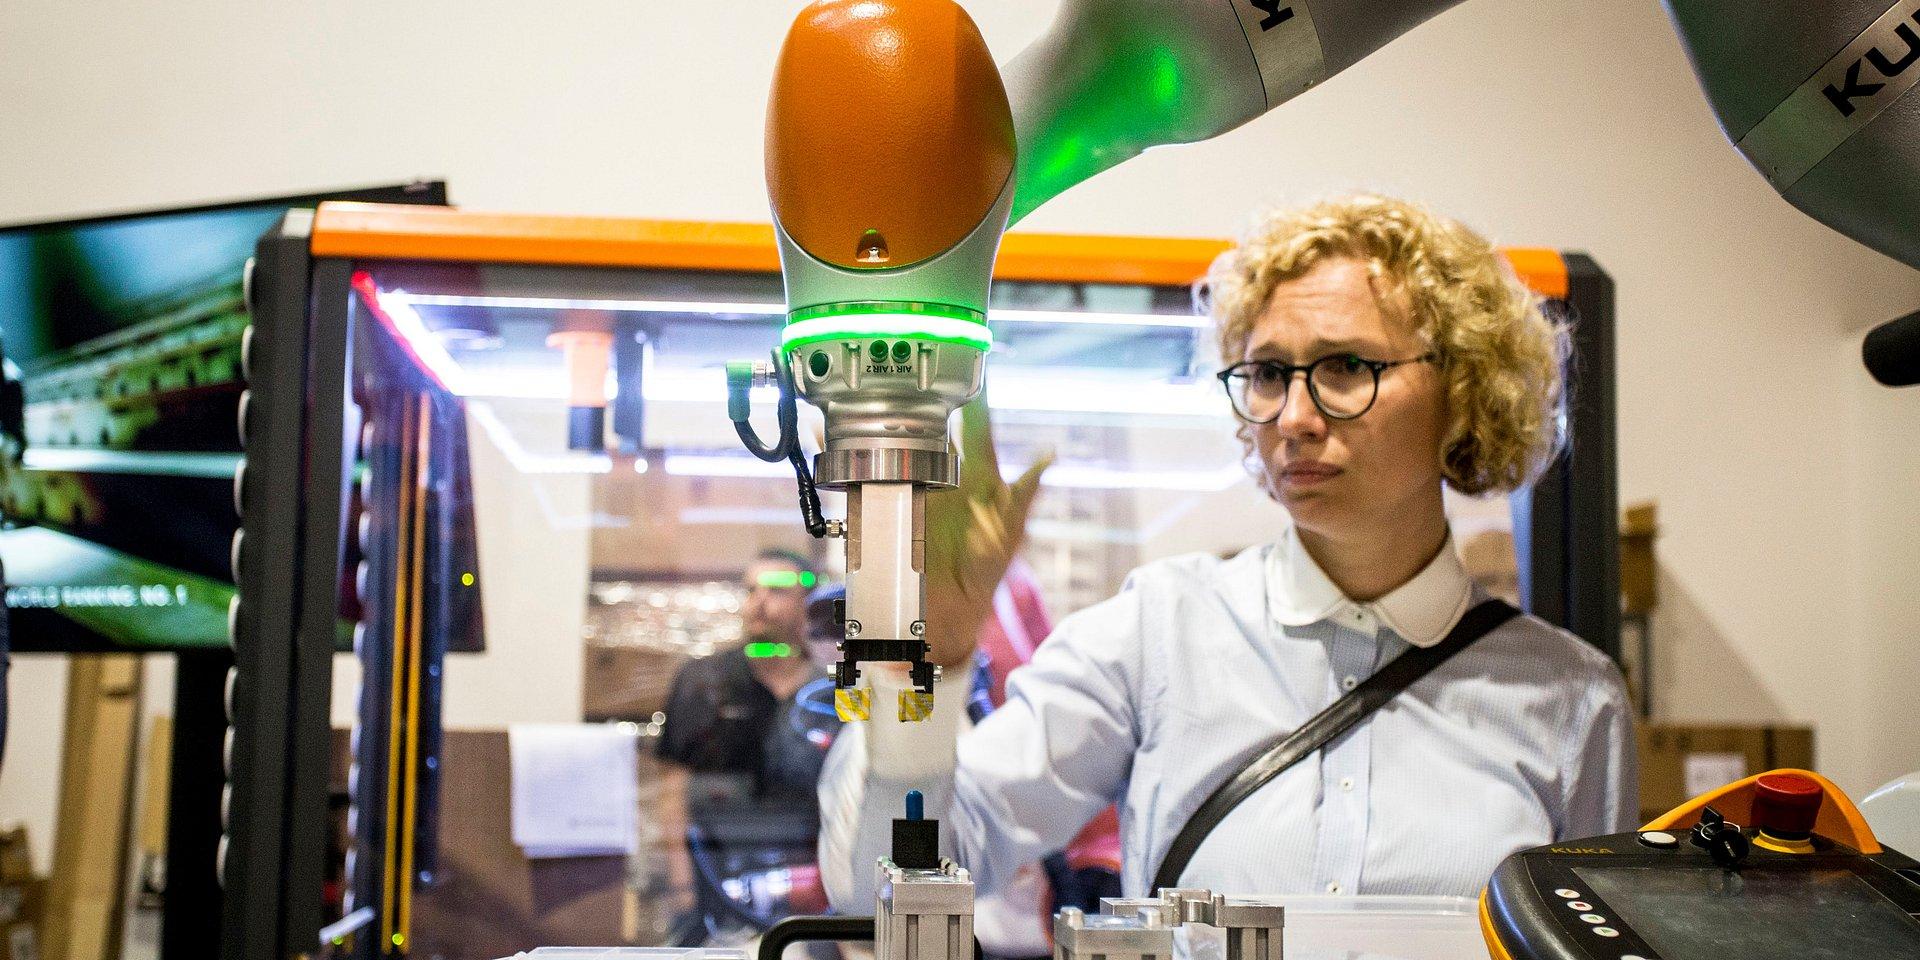 Współpraca na linii robot-człowiek. Dlaczego to tak ważne zagadnienie?